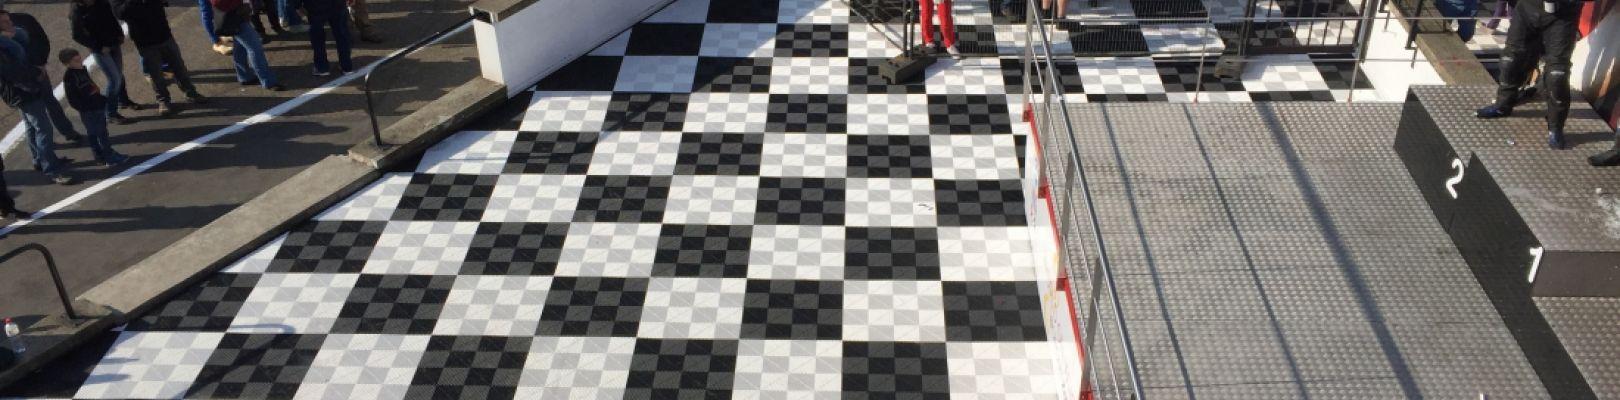 Belgian Nascar Championship